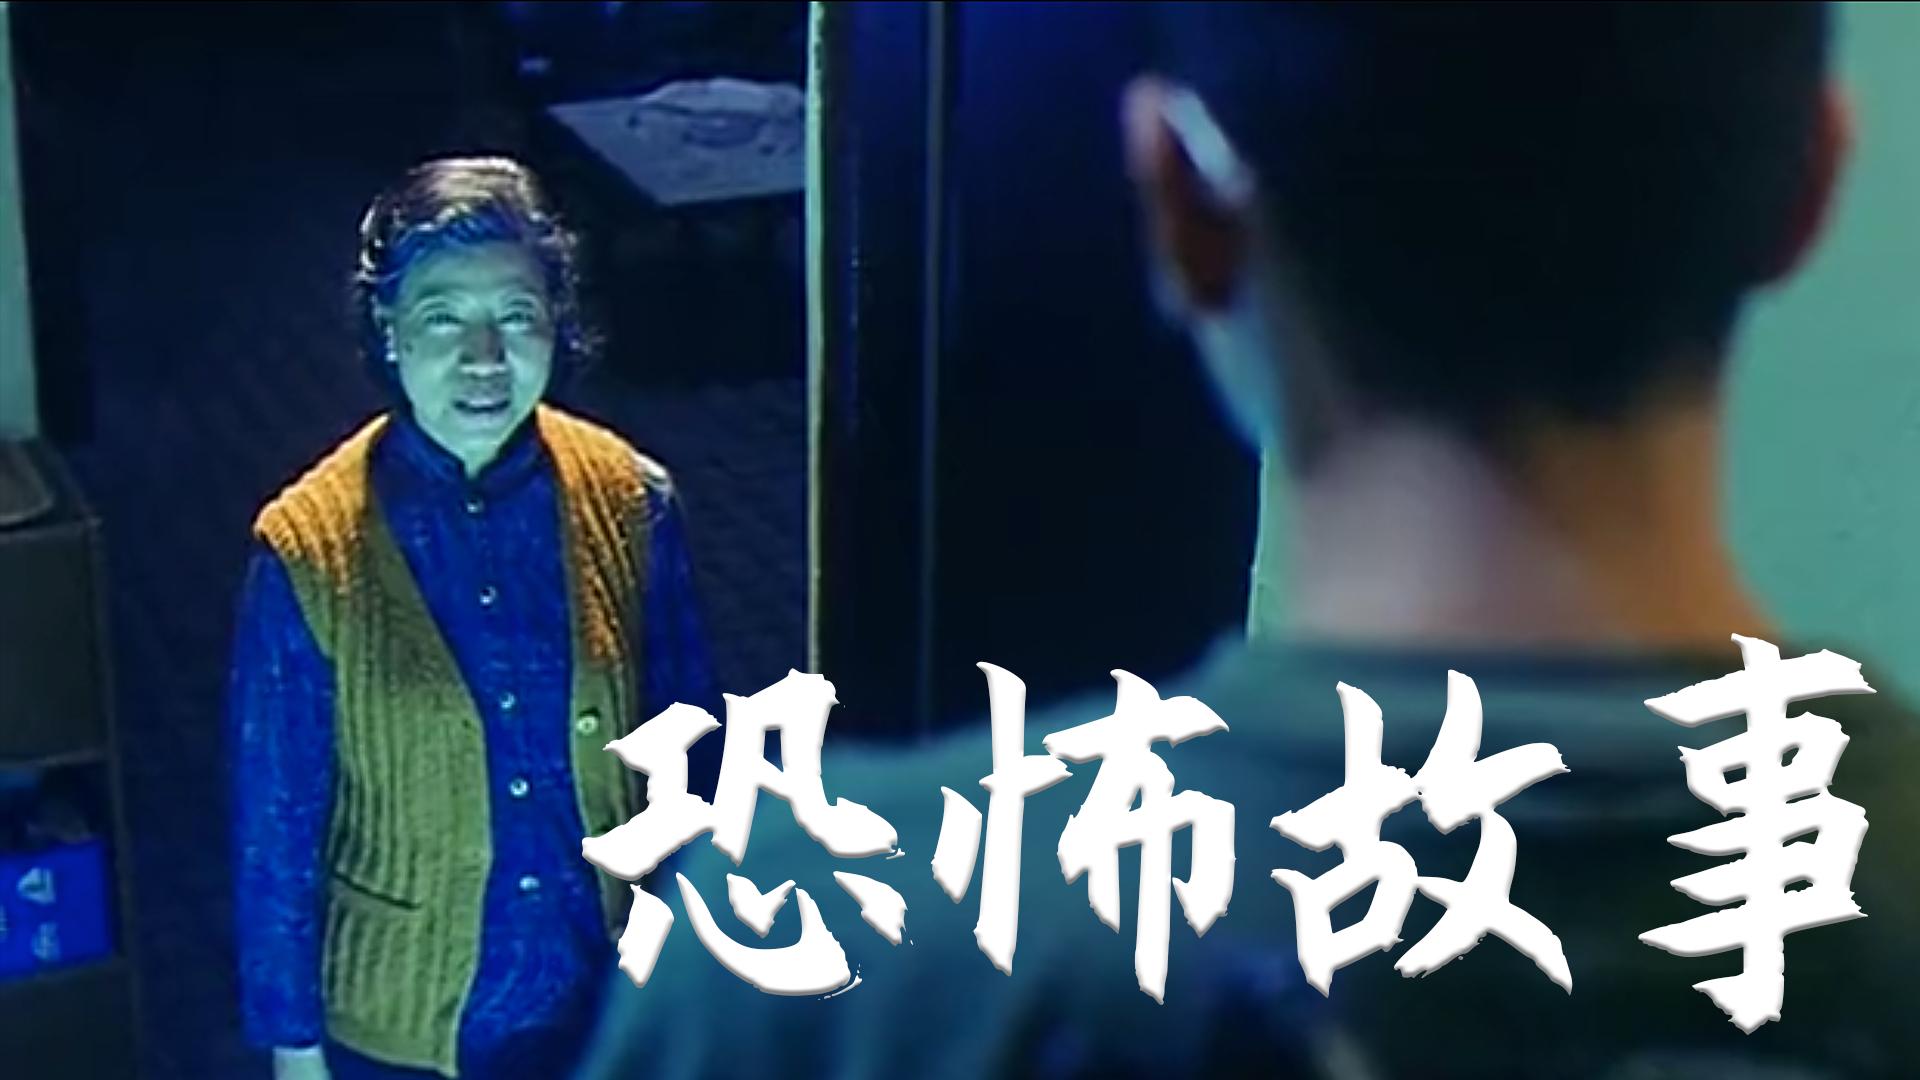 童年阴影系列!重温香港高分恐怖经典《回转寿尸之最后晚餐》